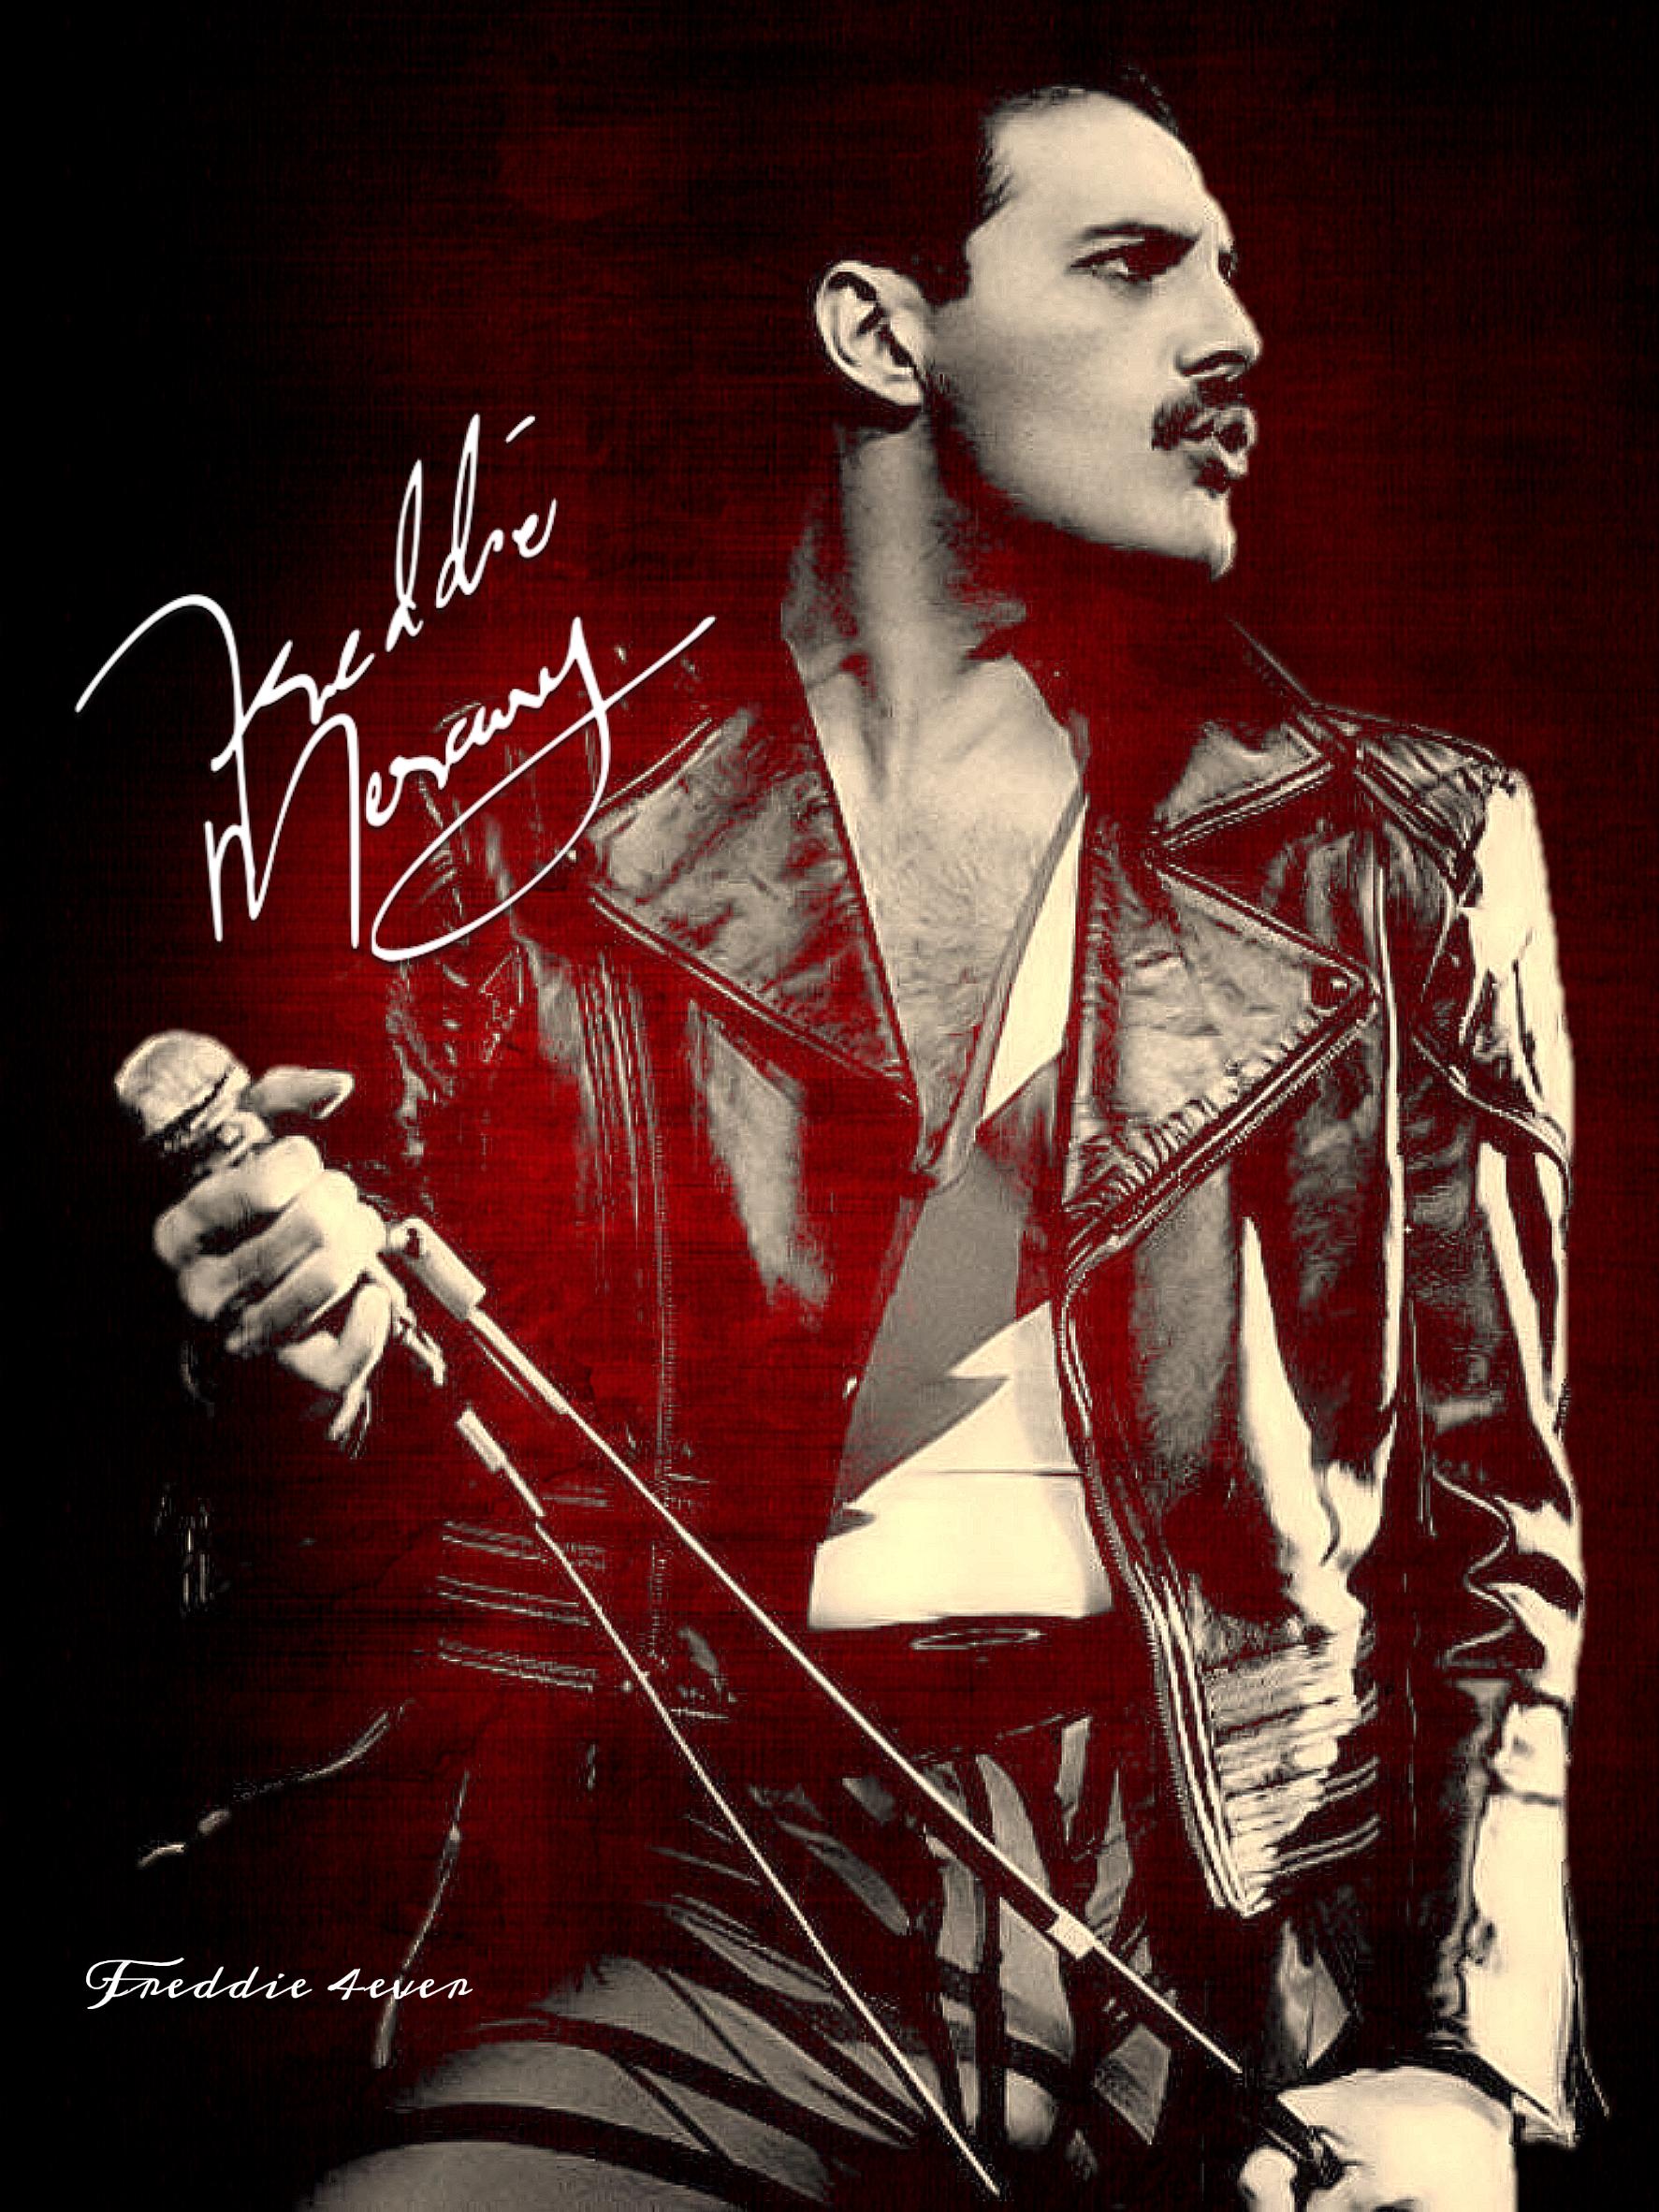 Pin De Qnrx Soft En Freddie My Graphic Artworks Imagenes De Rock Carteles De Rock Fredy Mercury